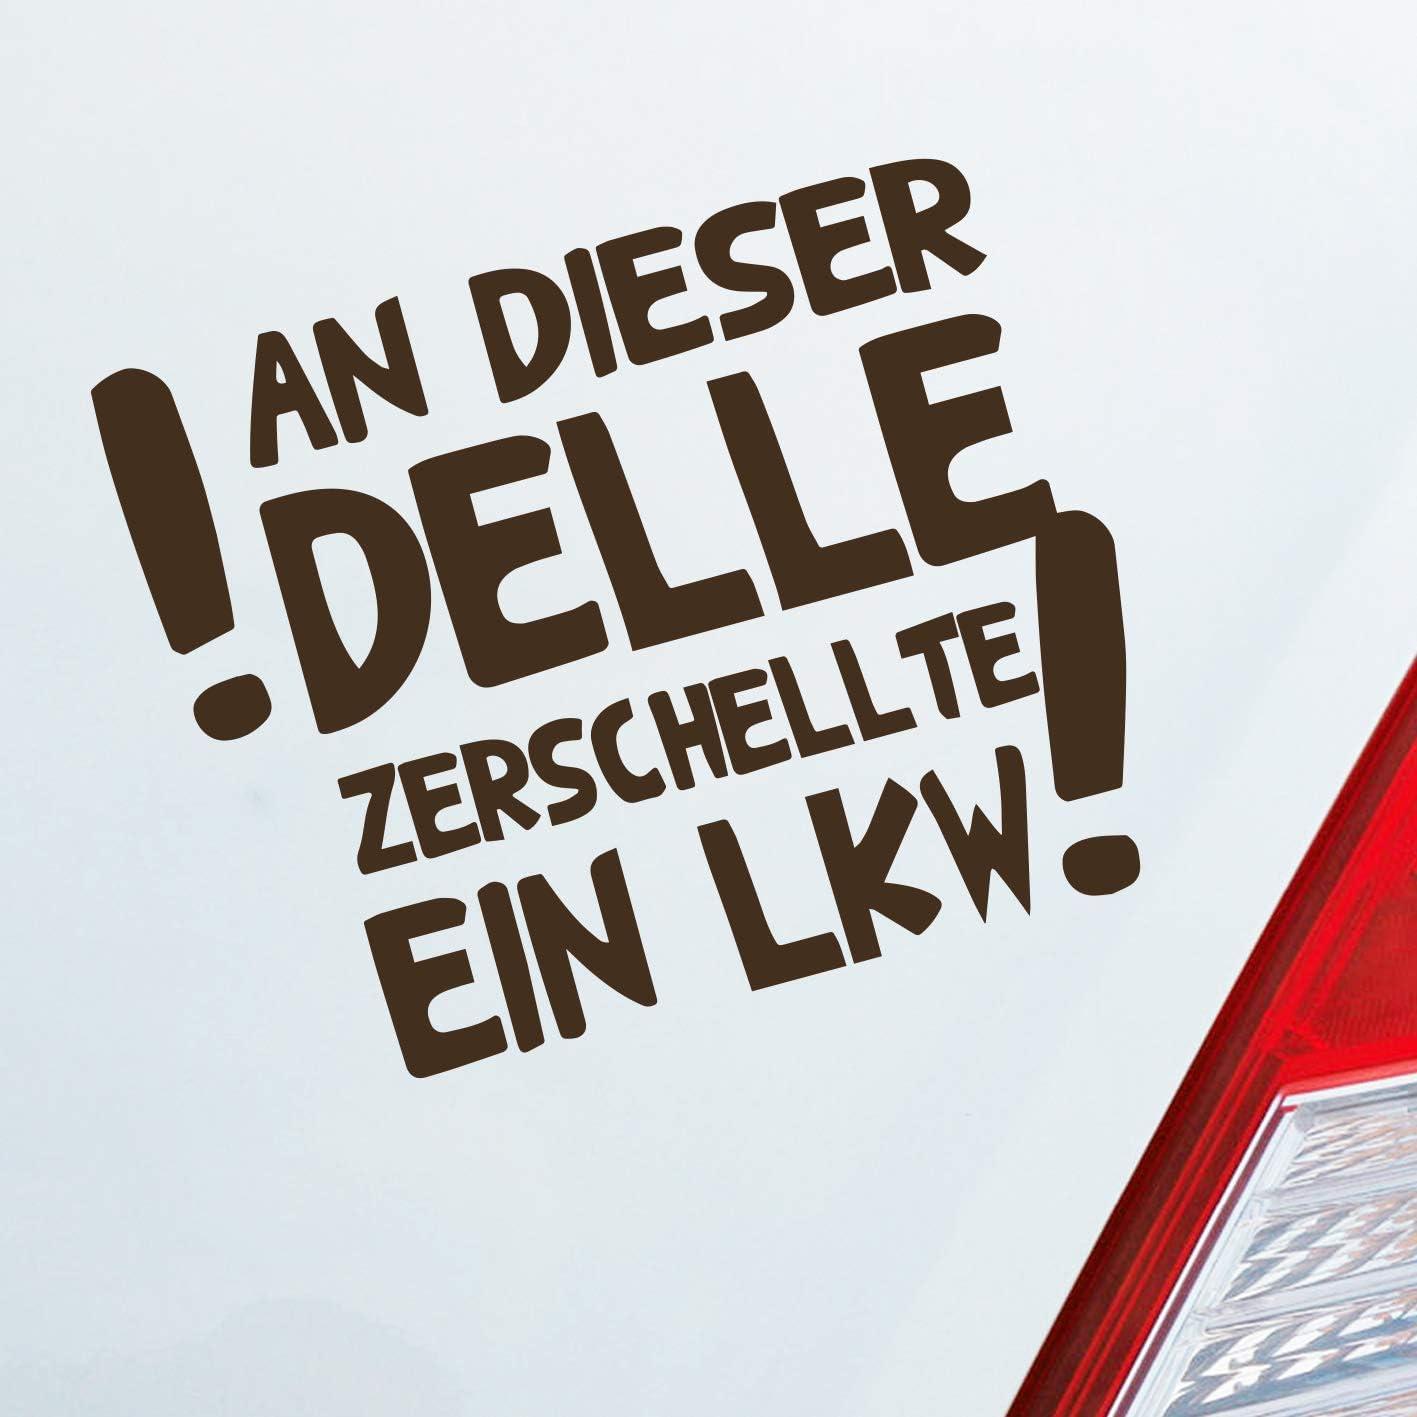 Auto Aufkleber In Deiner Wunschfarbe An Dieser Delle Zerschellte Ein Lkw Fun Dub Oem 12 5x10 Cm Autoaufkleber Sticker Auto